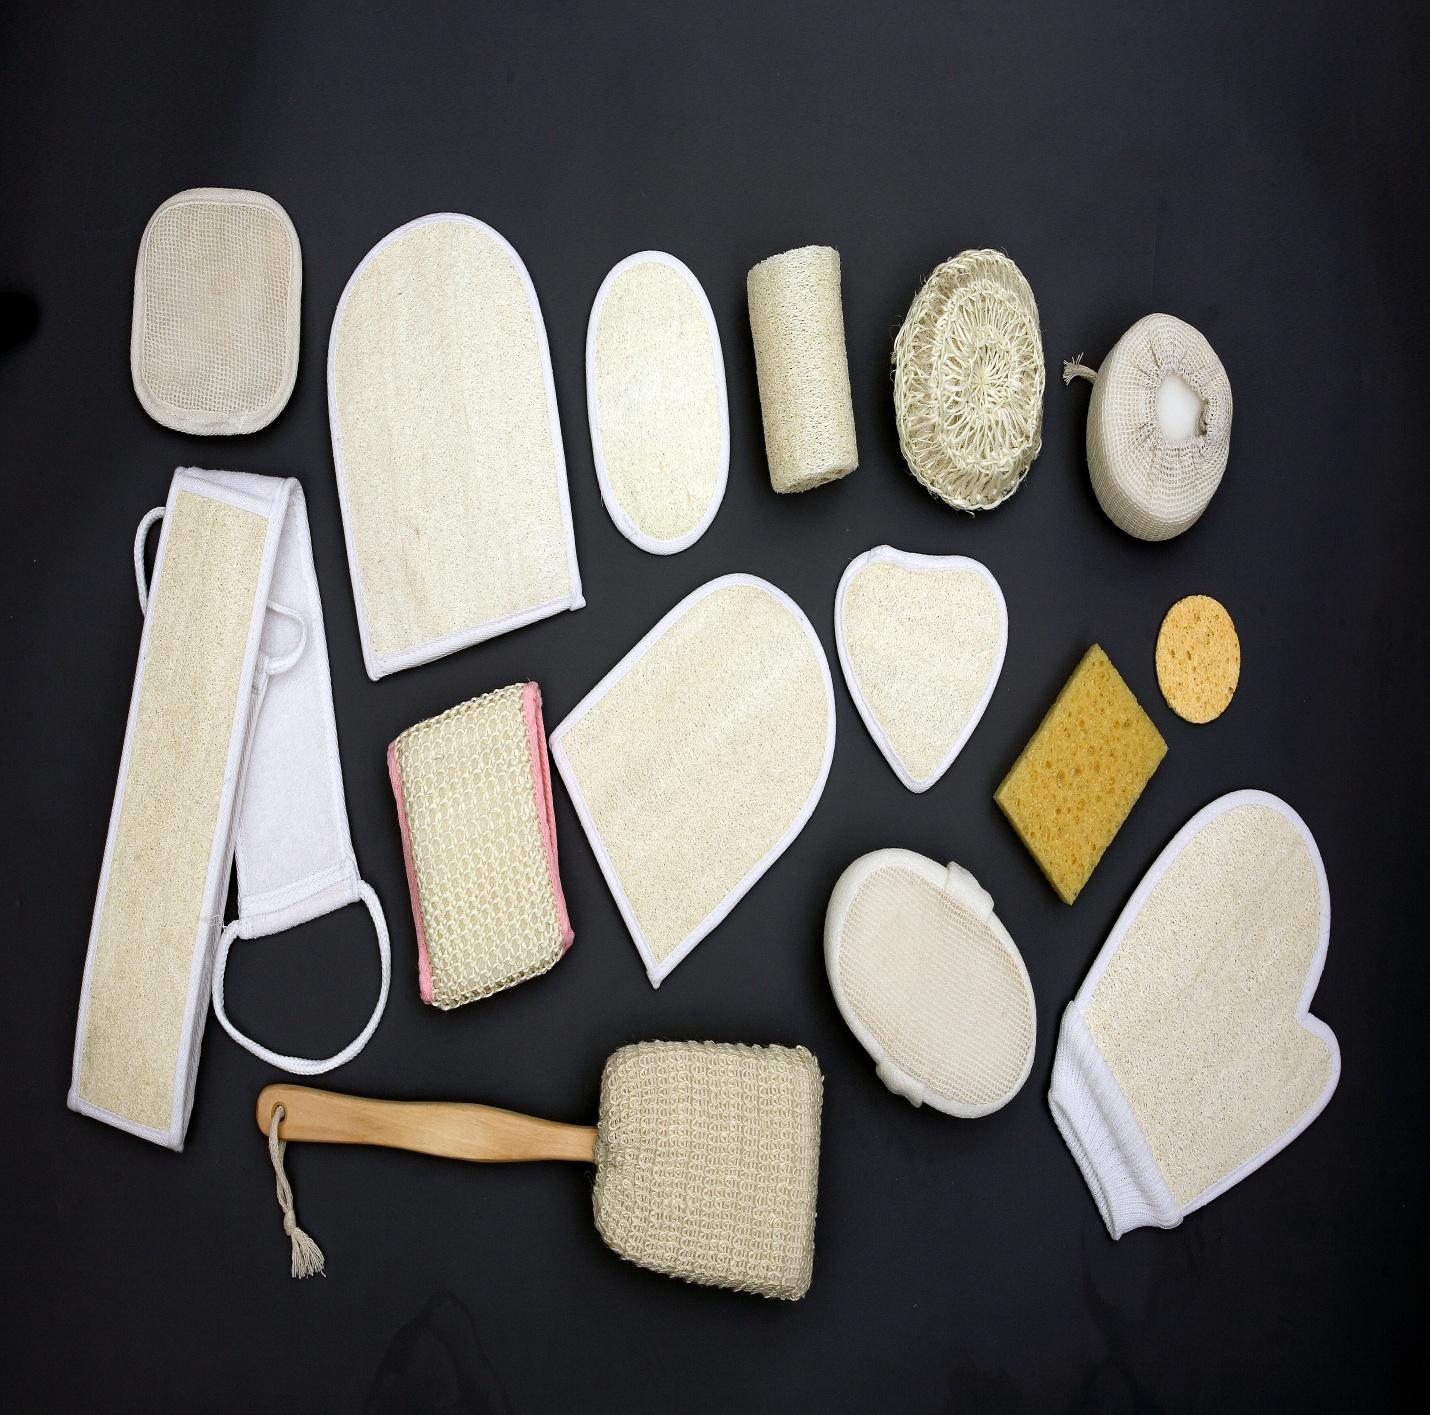 accessory-kits